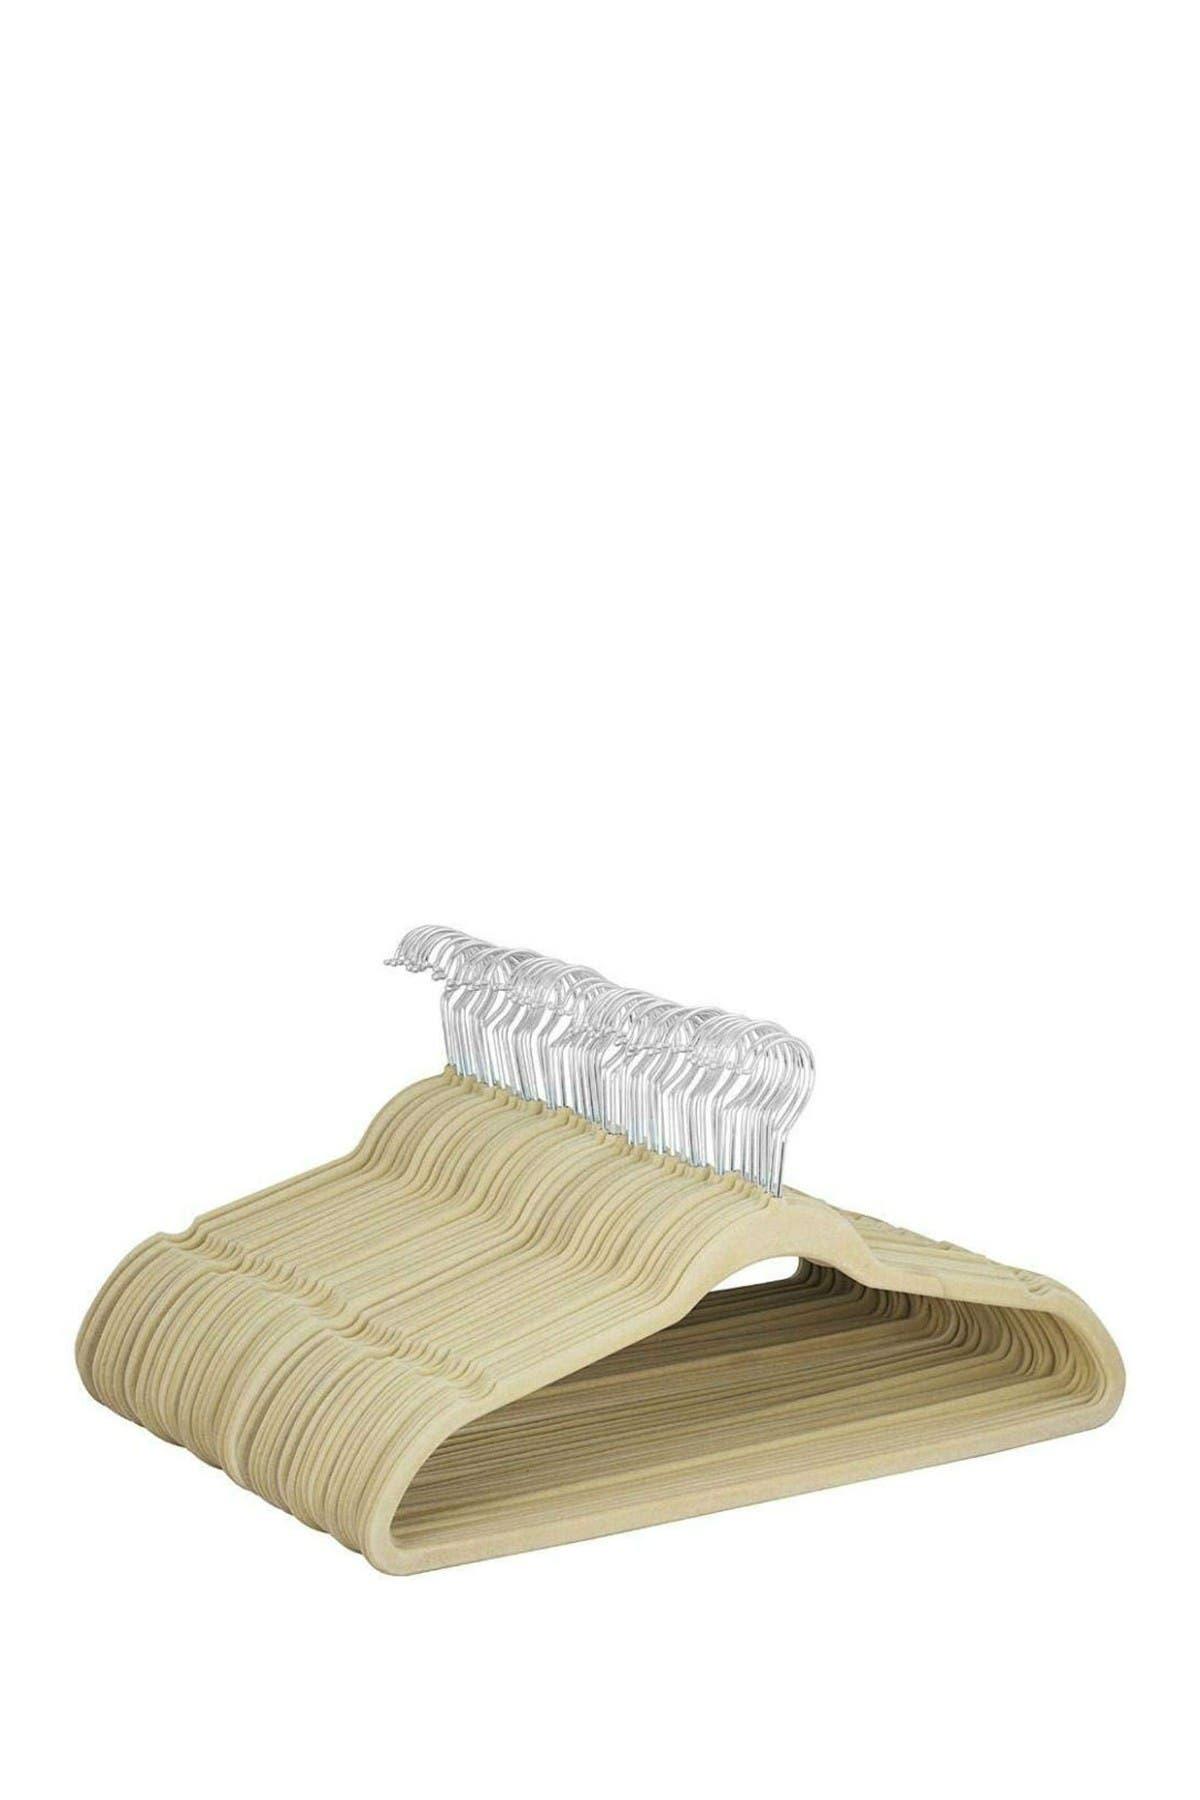 Image of Glomery Ivory Glomery Velvet Hangers Non Slip- Heavy Duty - Pack of 25